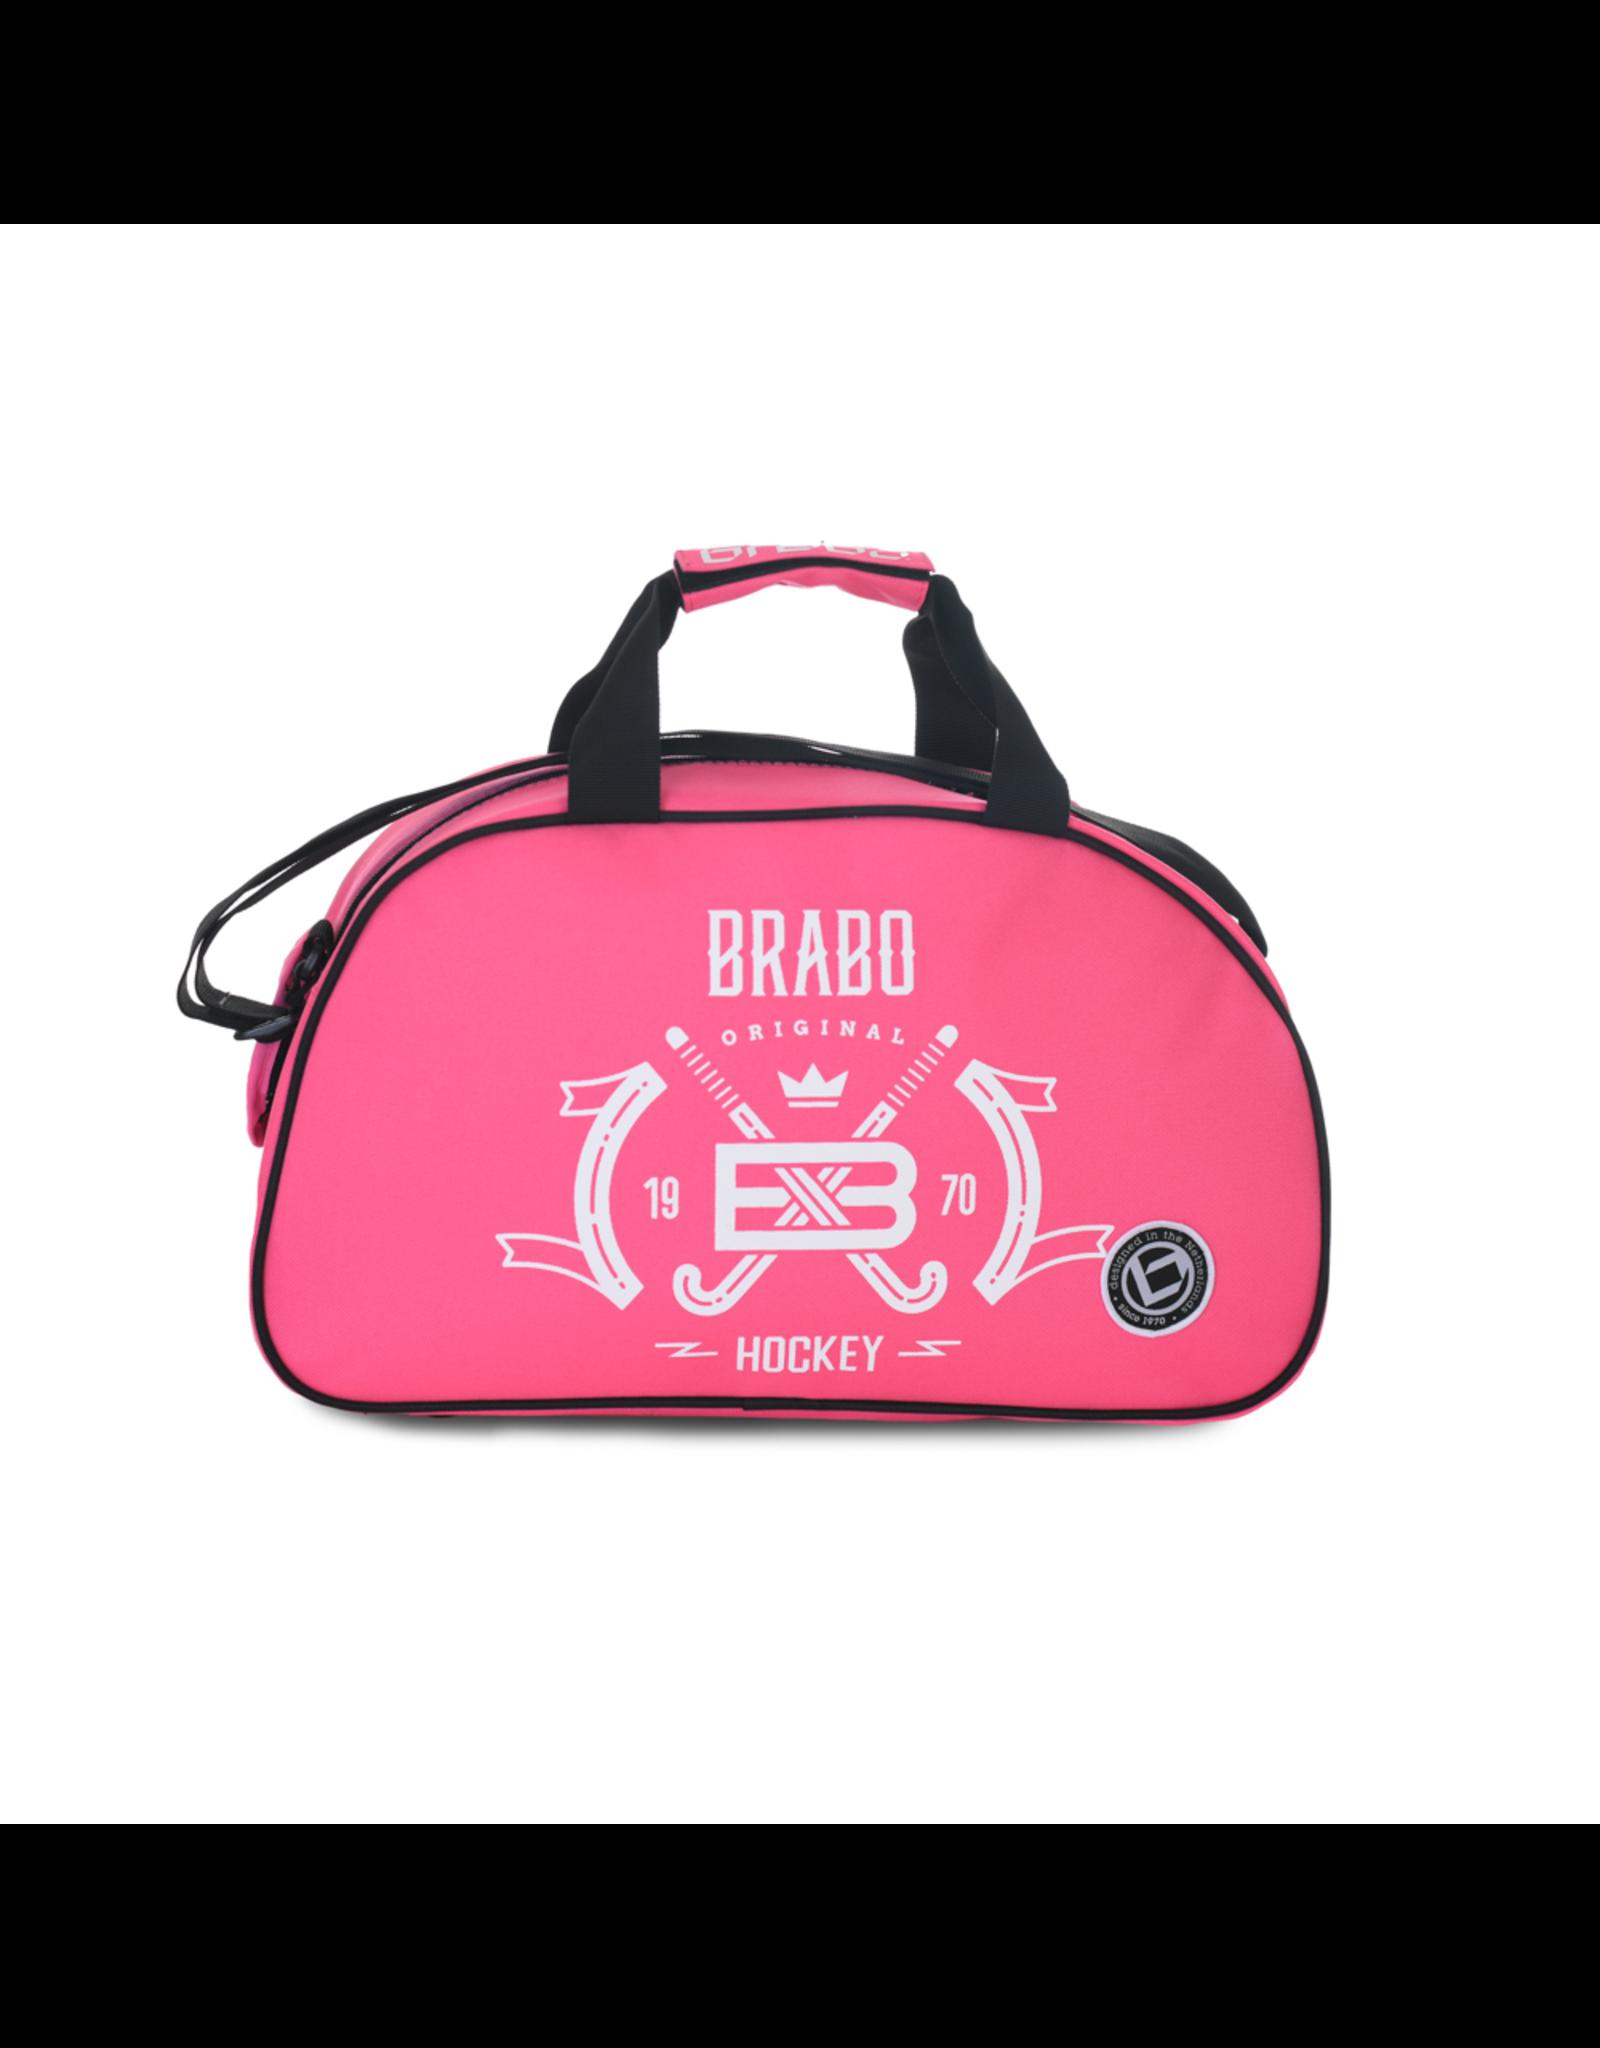 Brabo Shoulderbag 1970